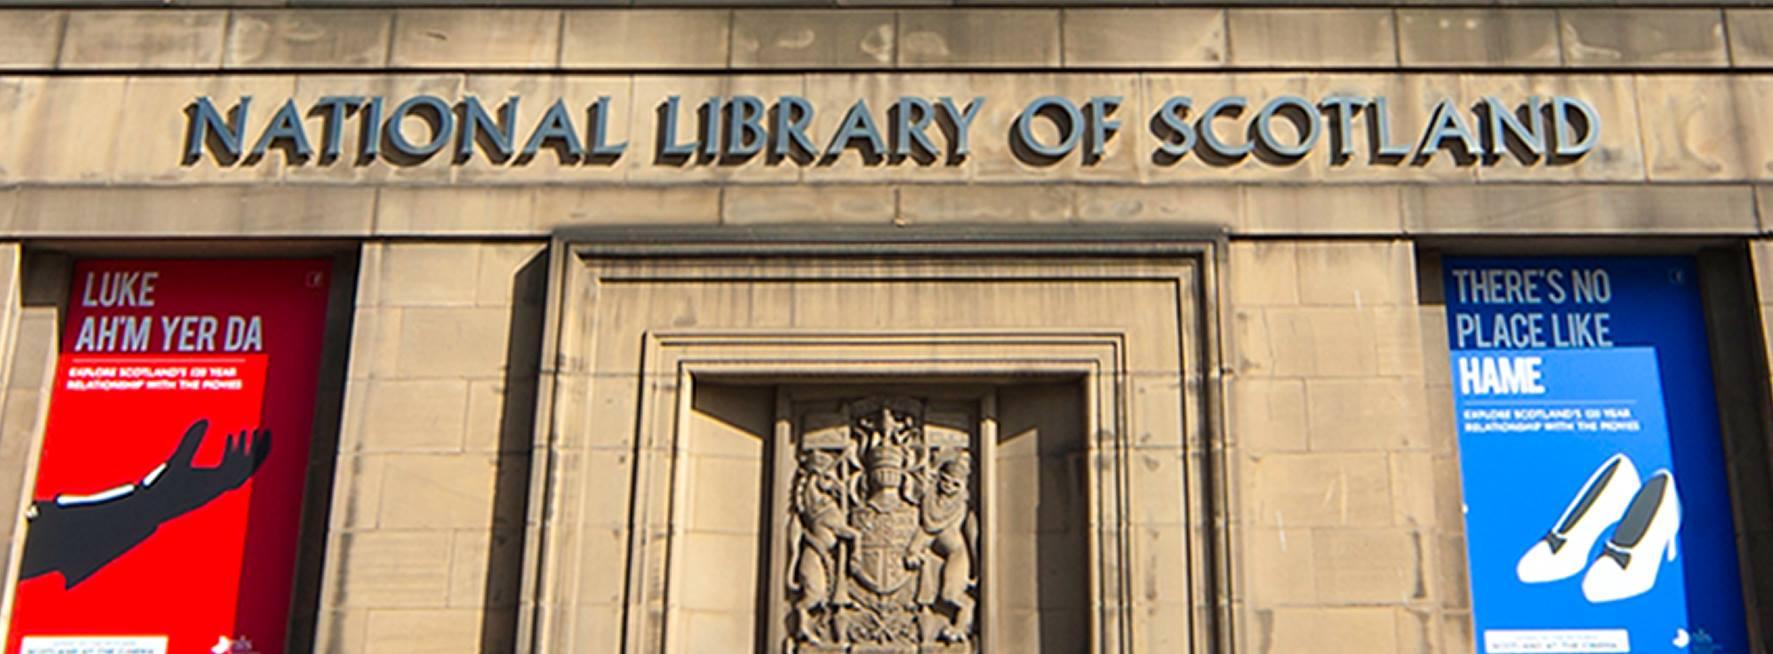 หอสมุดแห่งชาติสก็อตแลนด์-ป้าย